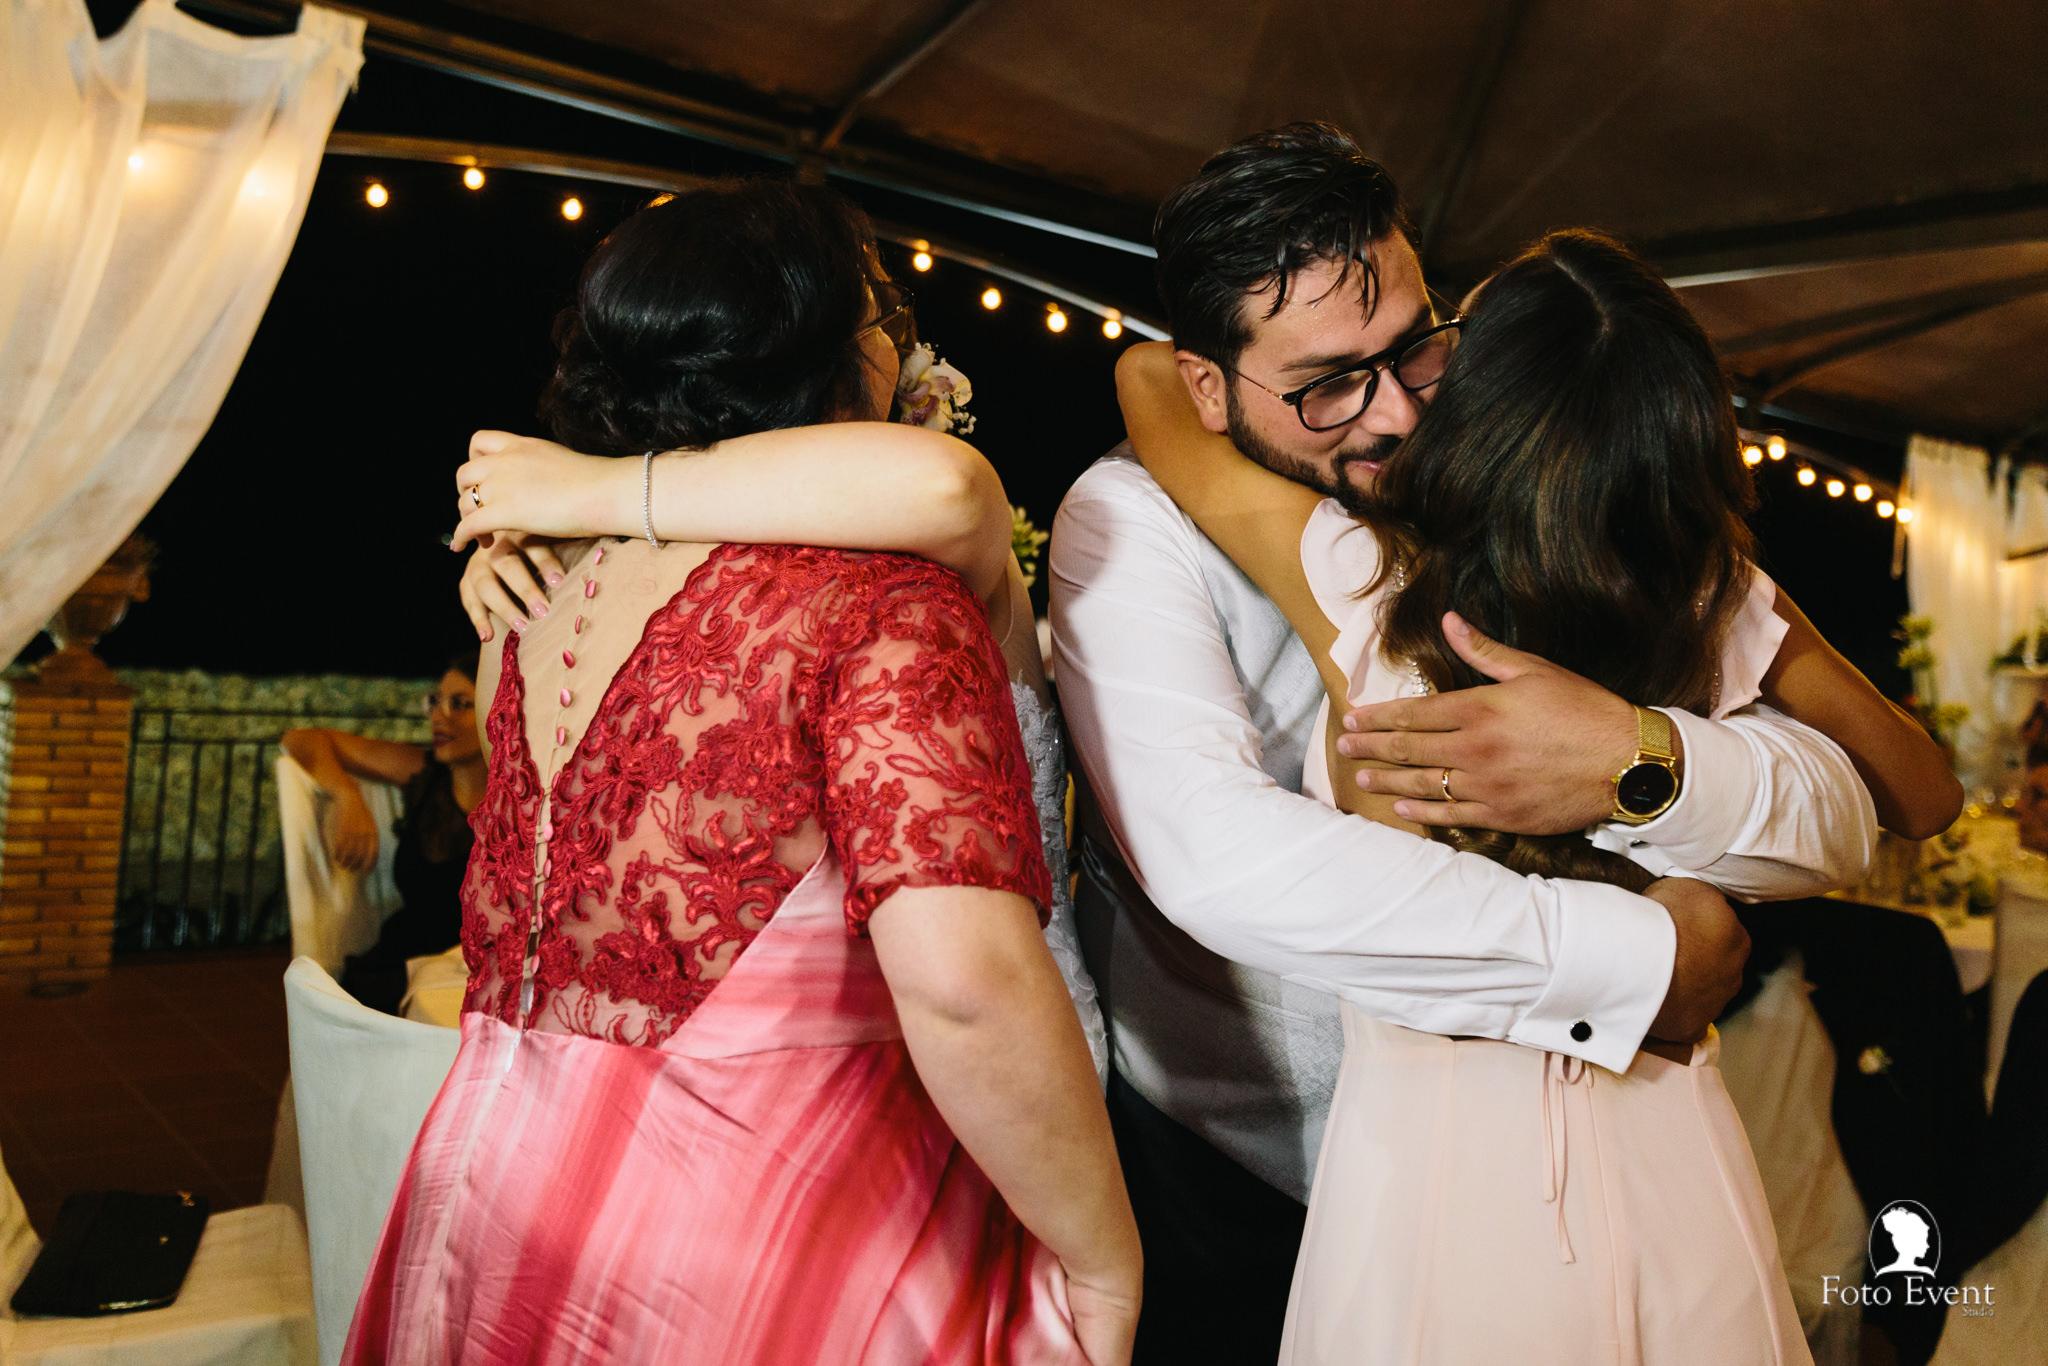 044-2019-09-09-Matrimonio-Dorotea-e-Alberto-Iemmolo-5DE-1381